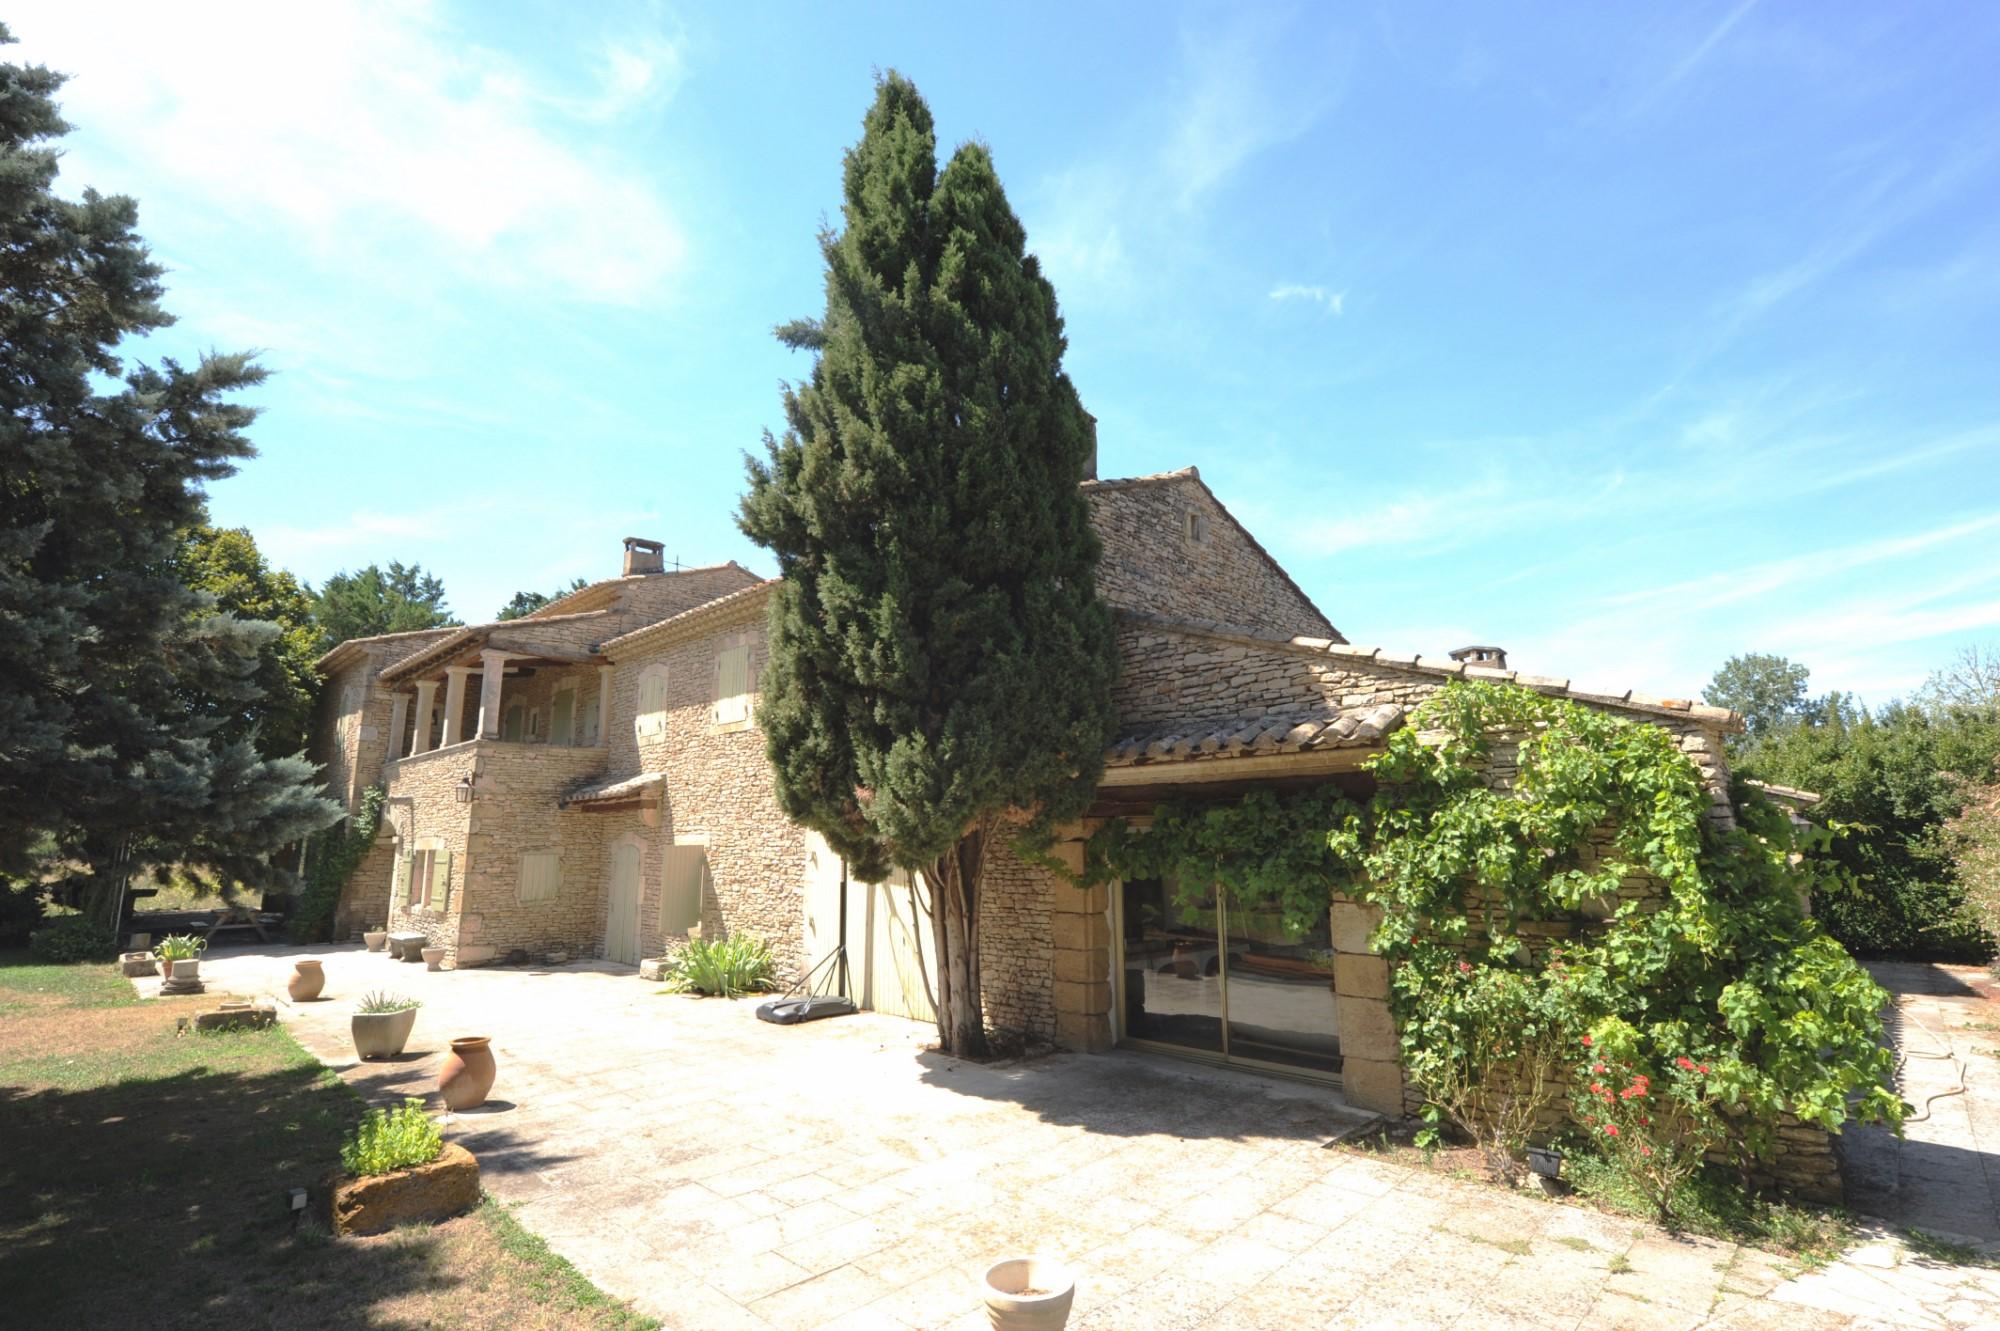 A vendre aux portes du Luberon, beau mas en pierres restauré et agrandi